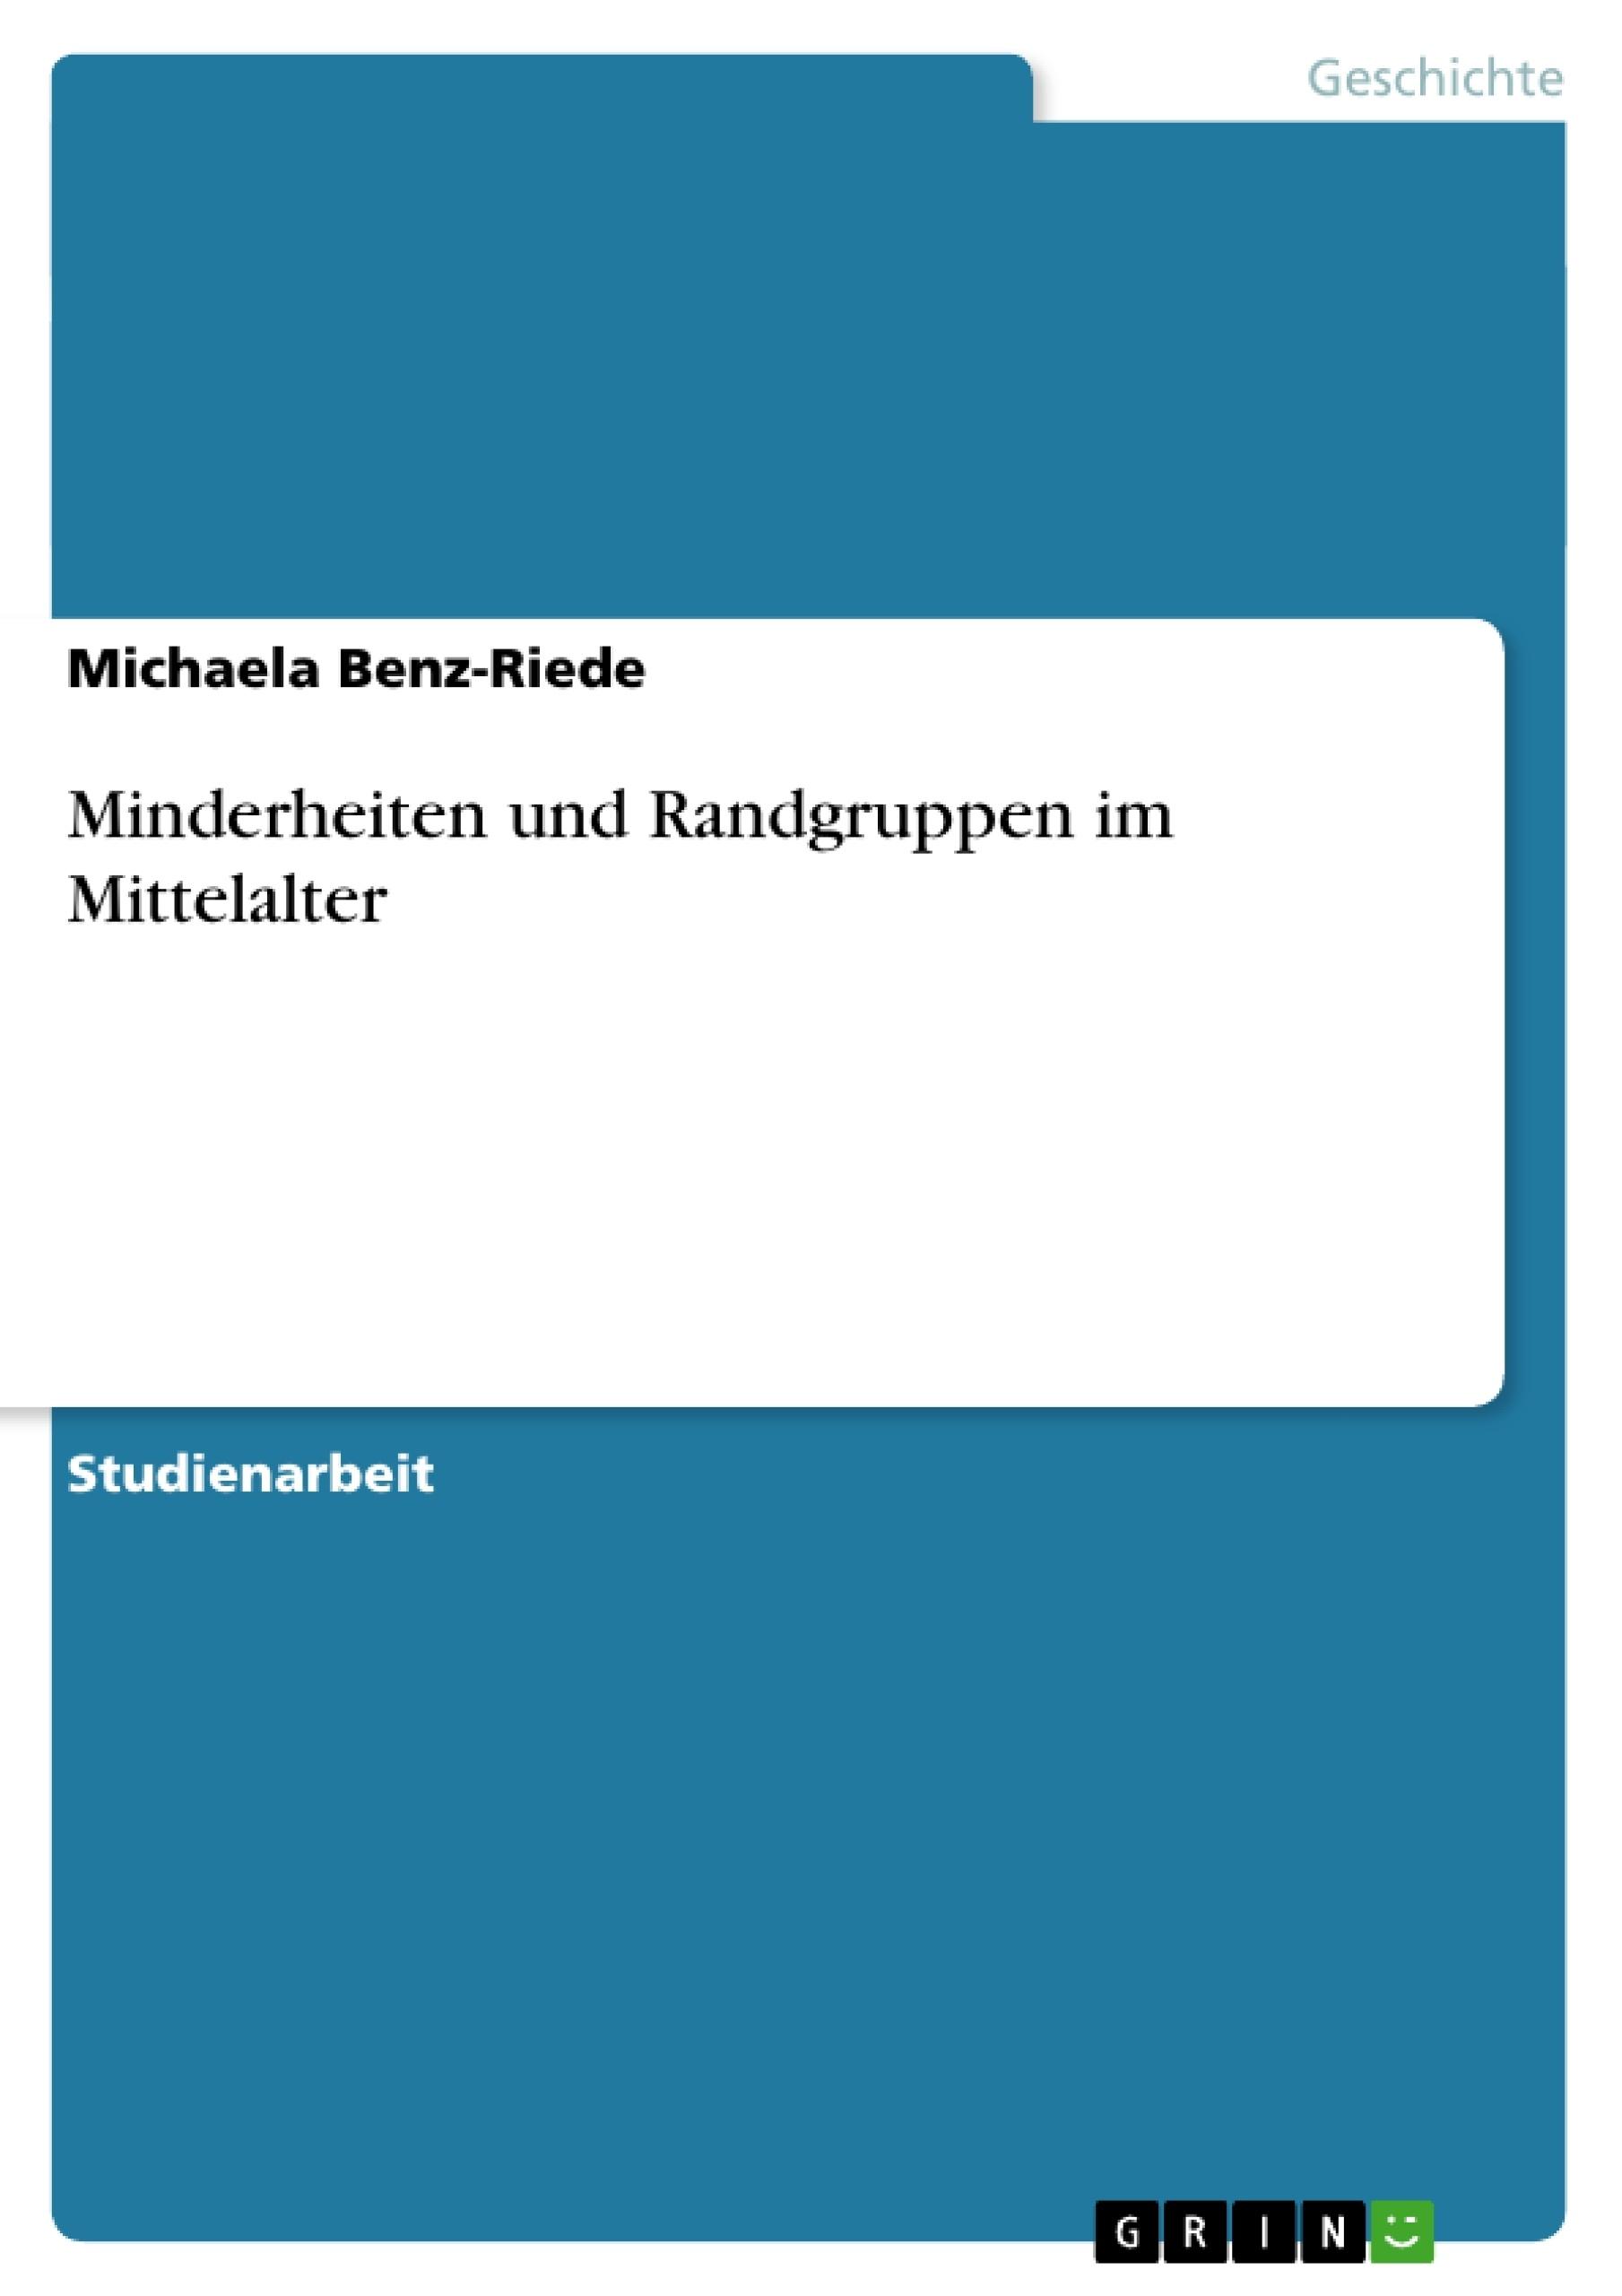 Titel: Minderheiten und Randgruppen im Mittelalter